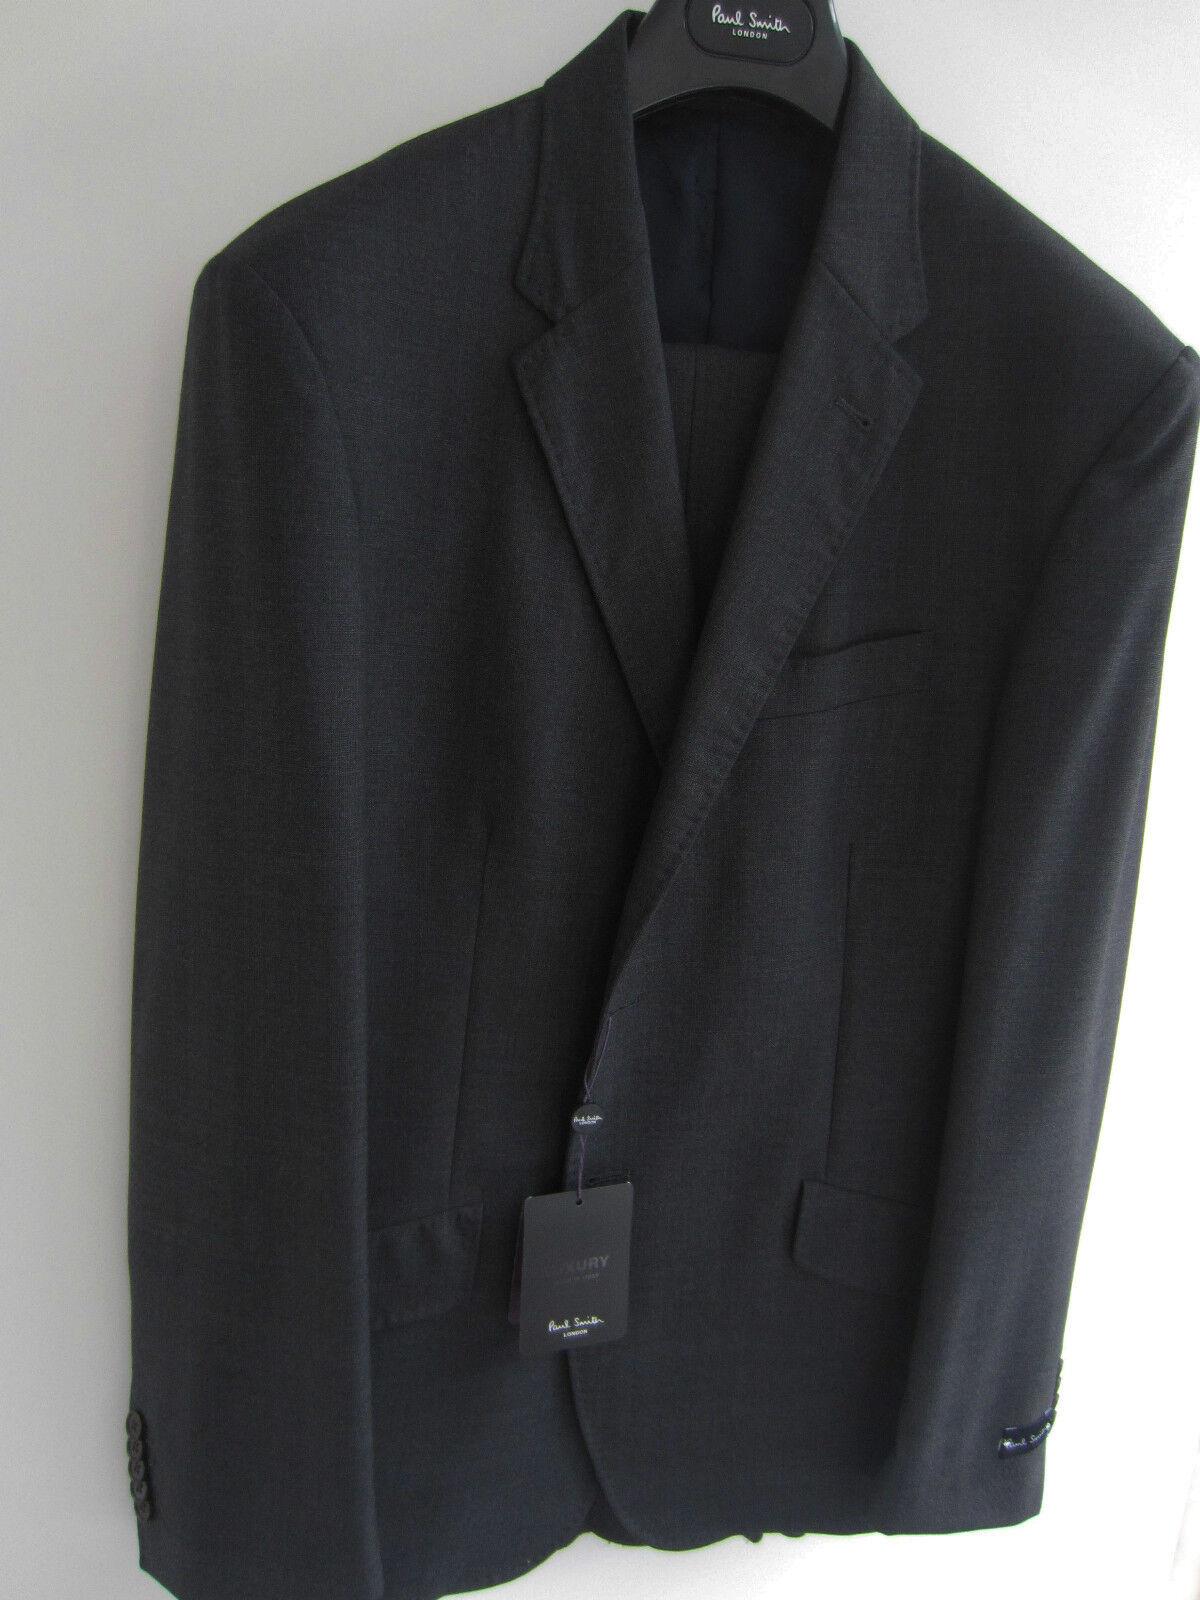 PAUL SMITH London Luxus Sammlung grau hinterlegt KLASSISCHE PASSFORM uk42r eu52r  | Up-to-date-styling  | Zuverlässiger Ruf  | Sale Online